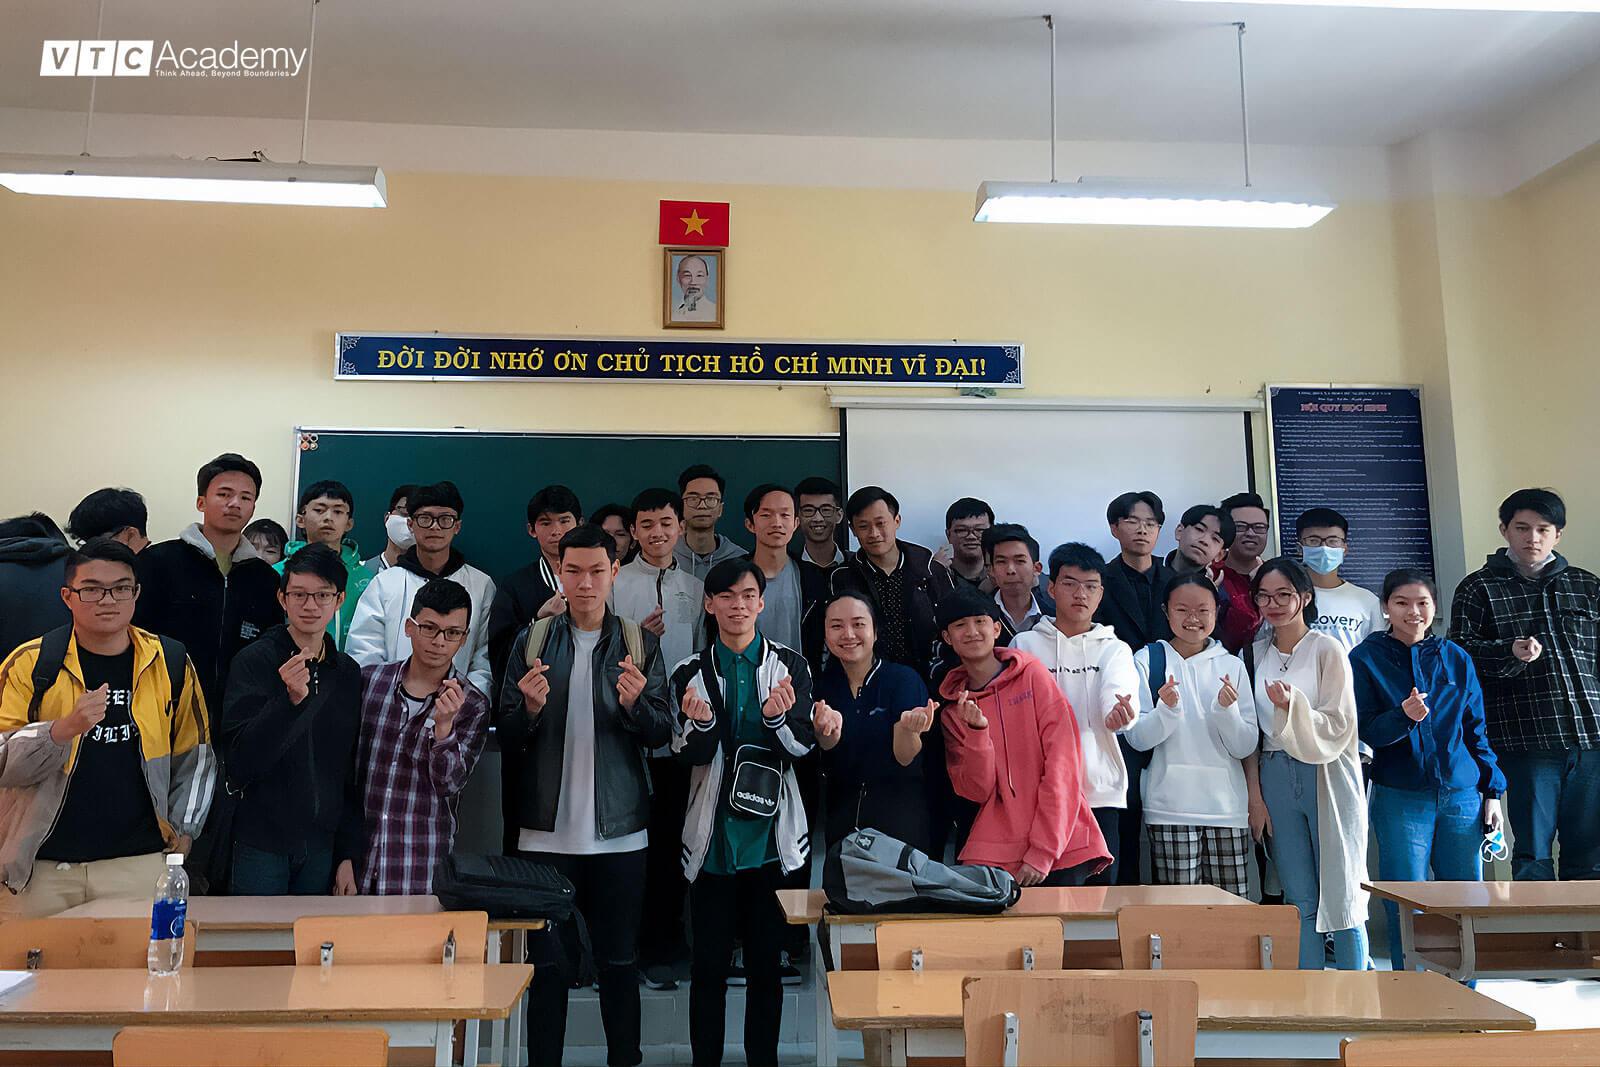 VTC Academy tổ chức thành công kỳ thi khảo sát đầu vào năm 2021 tại tỉnh Lâm Đồng